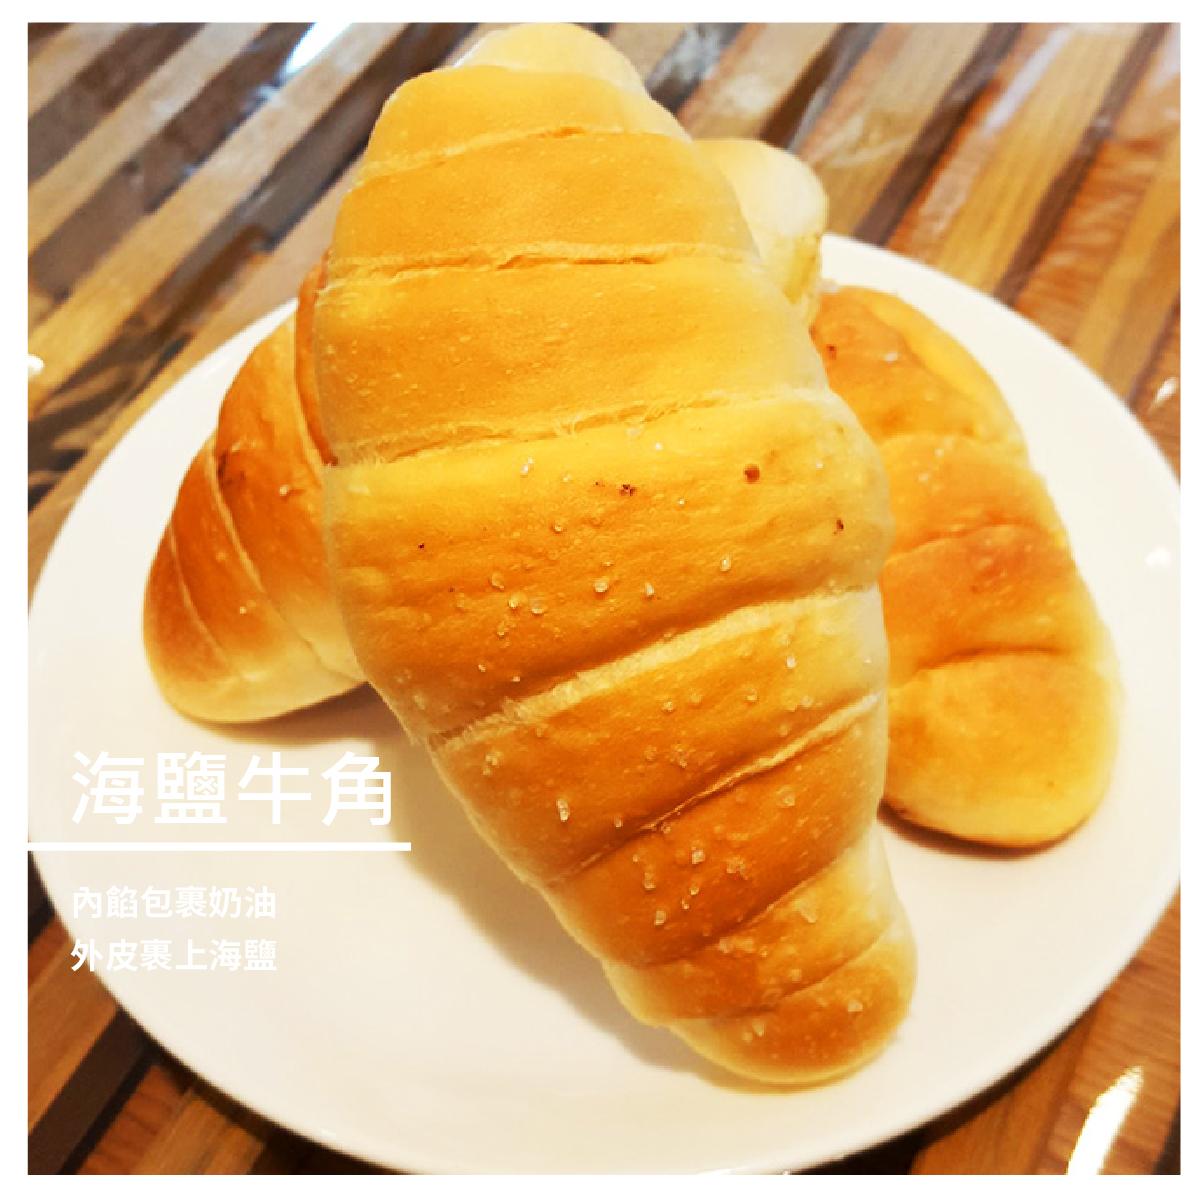 【帕爾堤麵包工房】海鹽牛角 5入